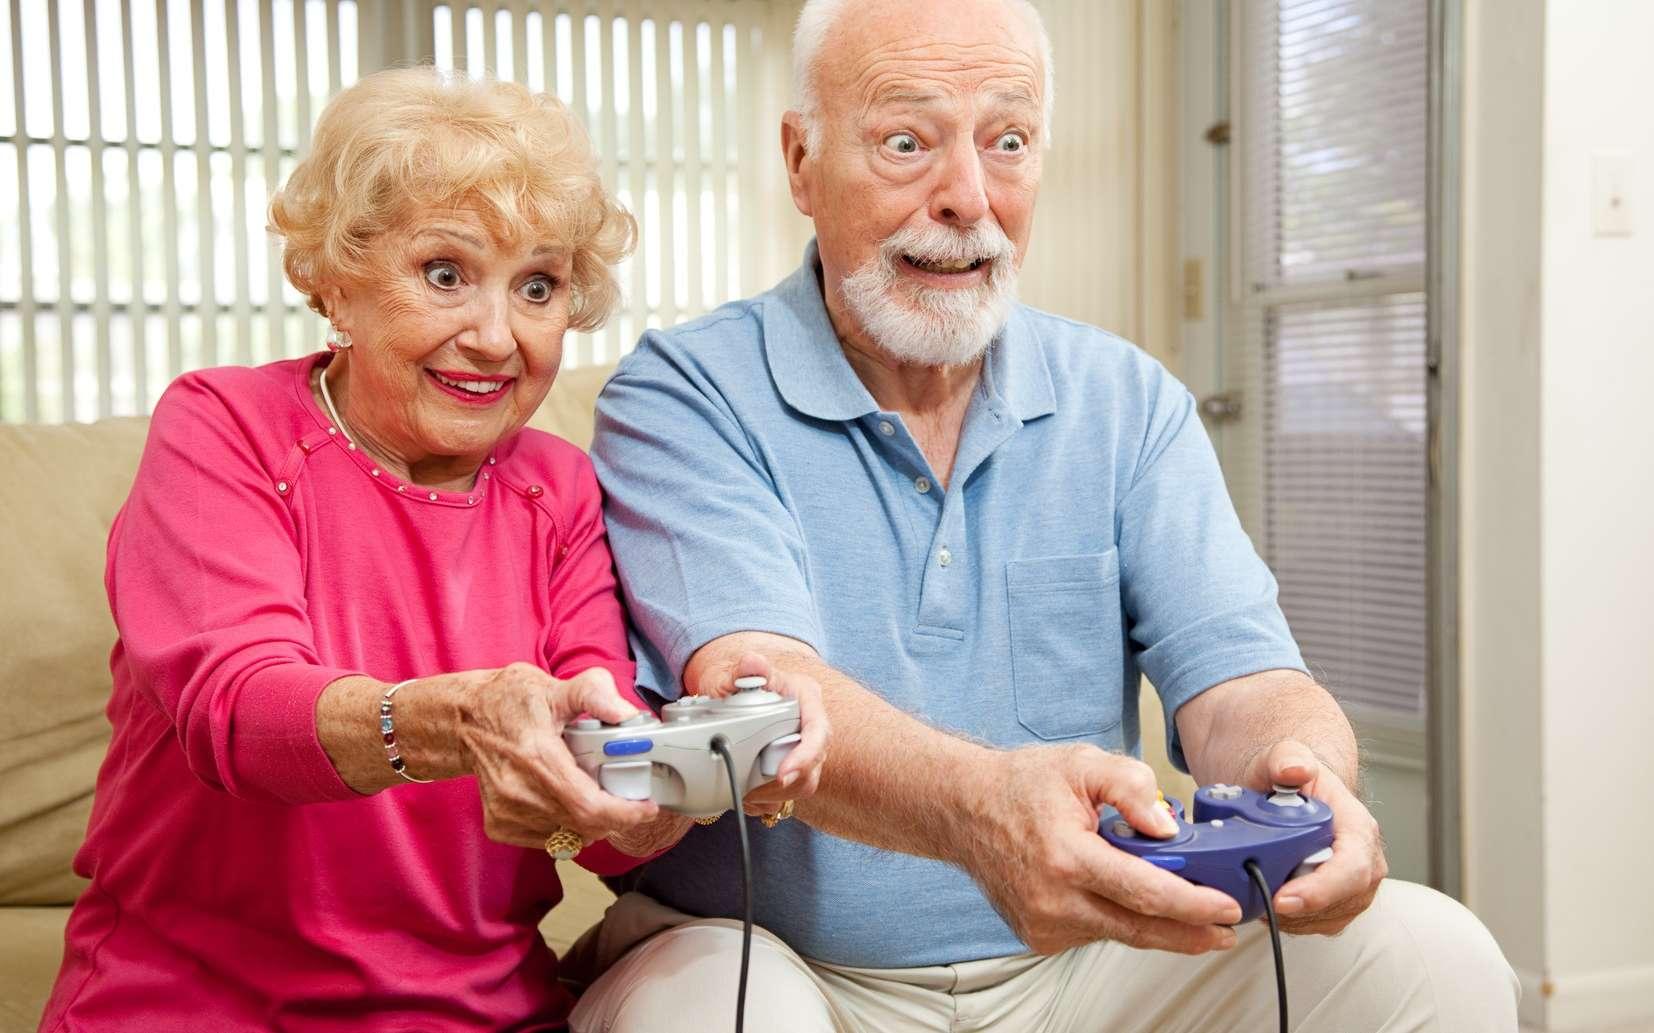 Méditation, jeux vidéo… sont autant de nouvelles techniques pour mieux vieillir. Alors, pour Noël, offrez un jeu vidéo à vos grands-parents ! © Lisa F. Young, Fotolia